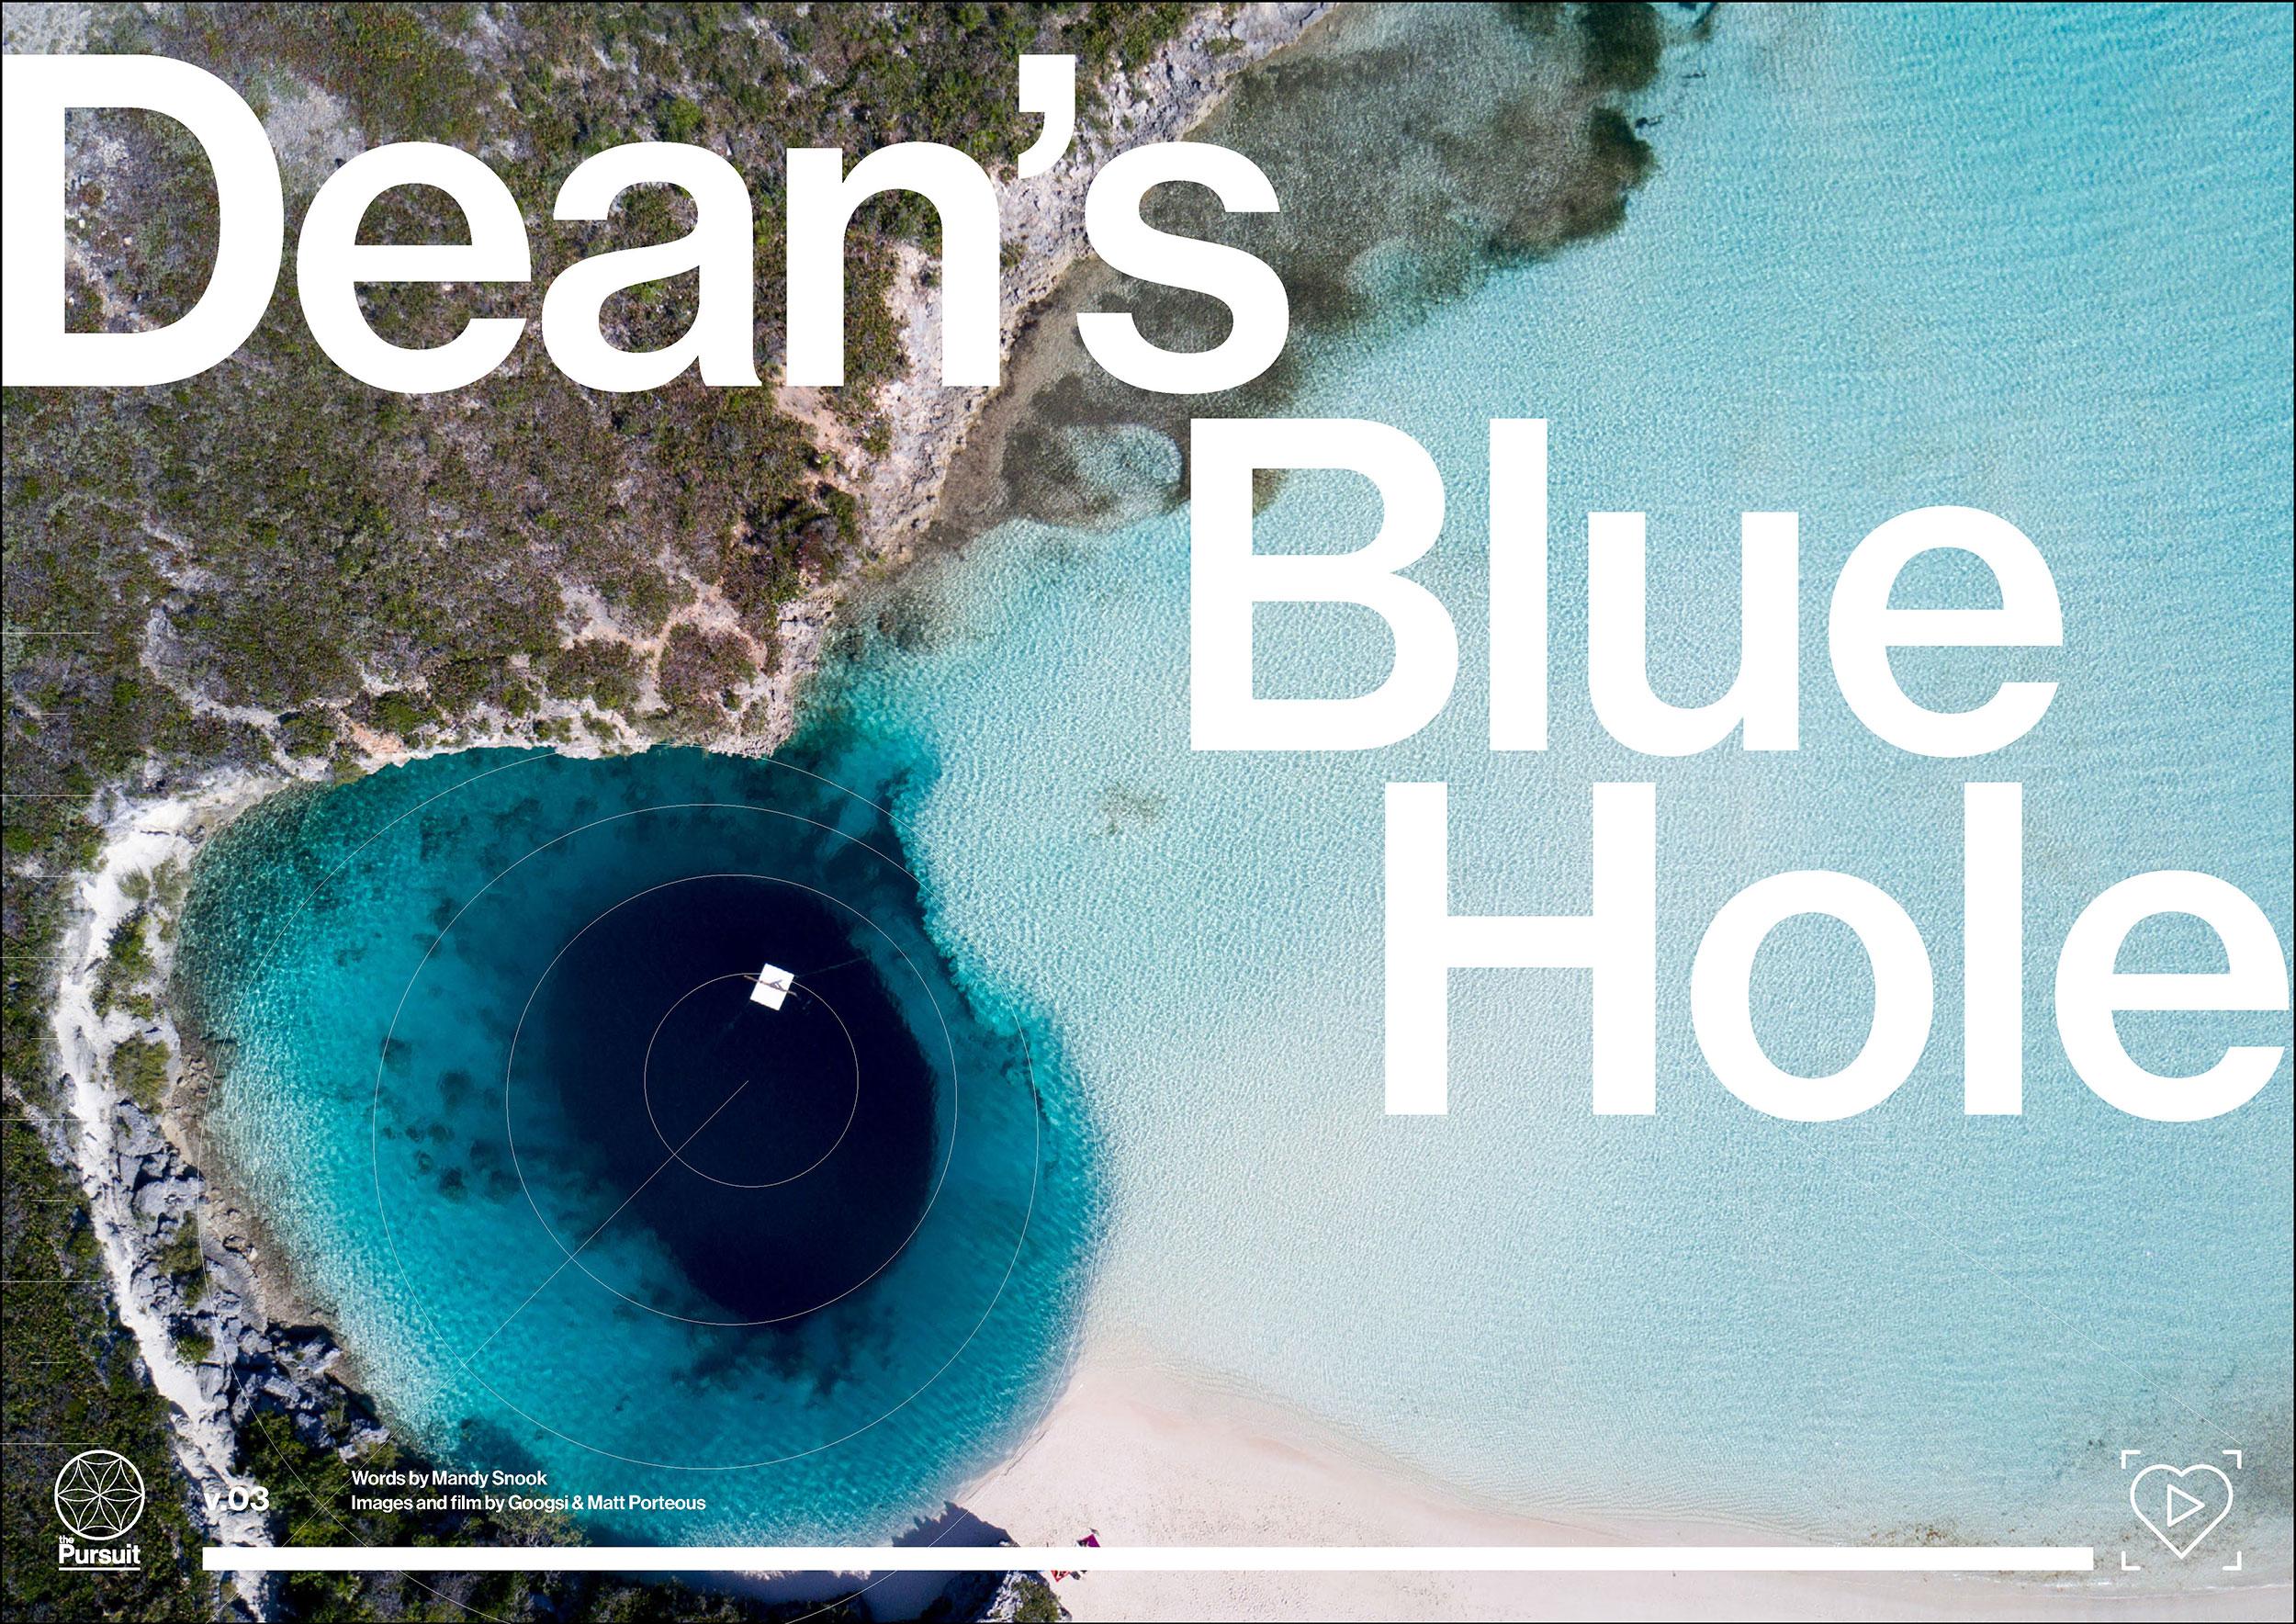 THE-PURSUIT.-DEANS-BLUE-HOLE_Page_1.jpg